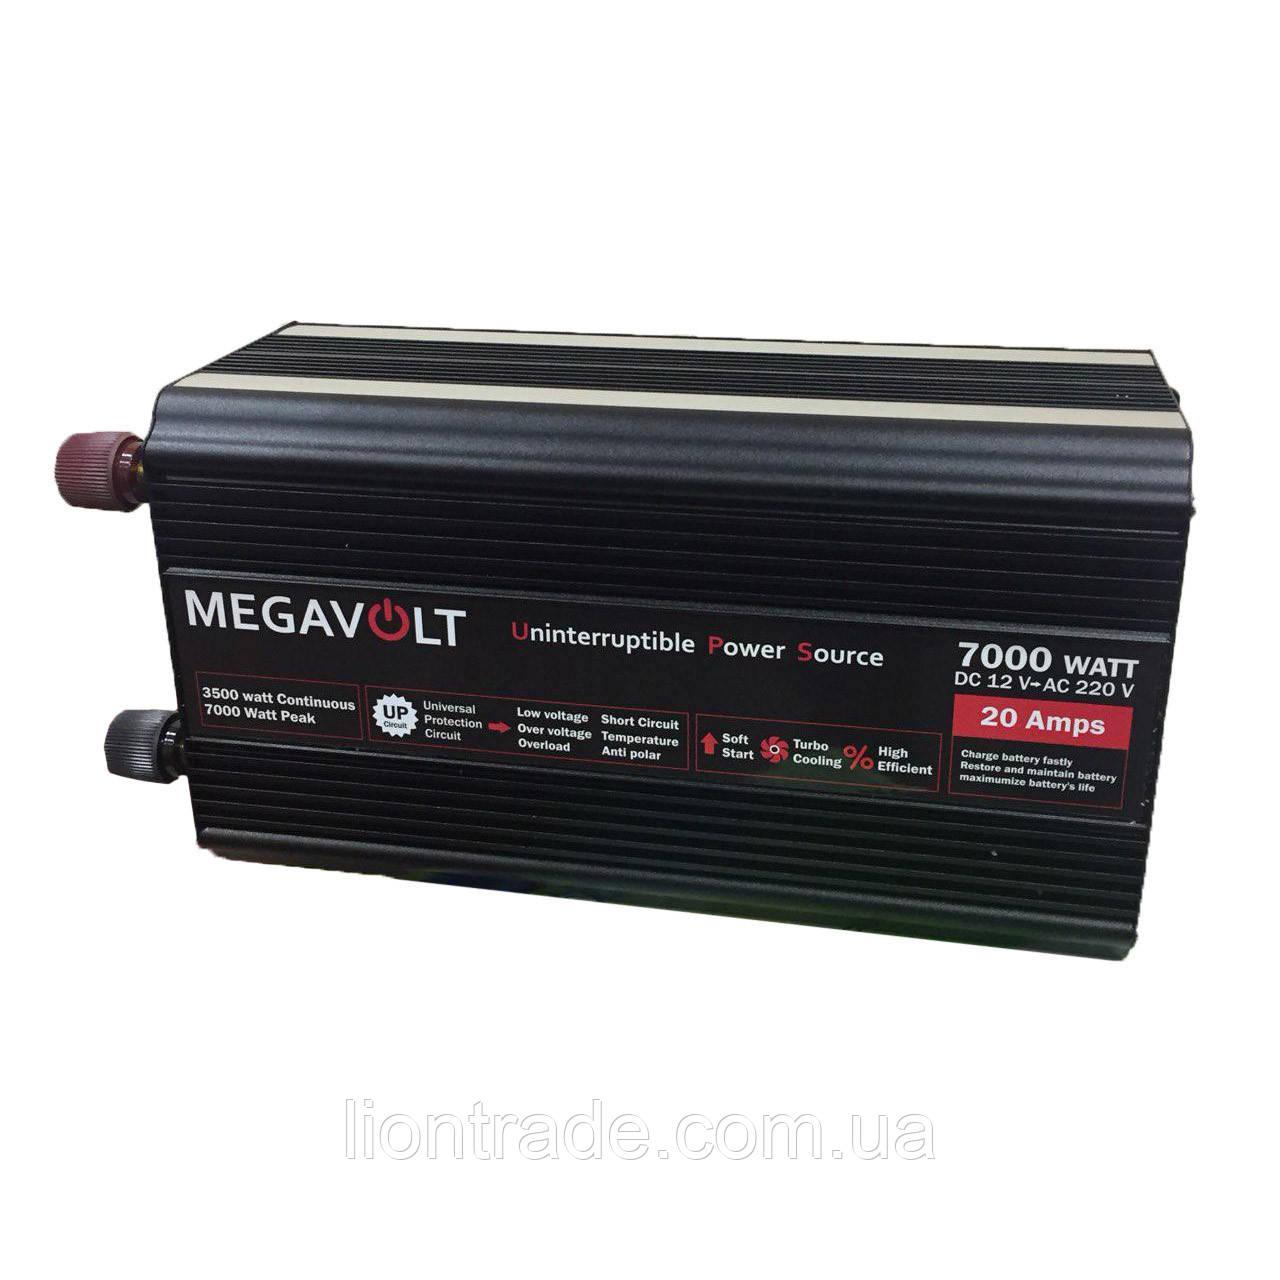 Перетворювач напруги з зарядним 12v-220v 7000w(безперебійник) UPS MEGAVOLT